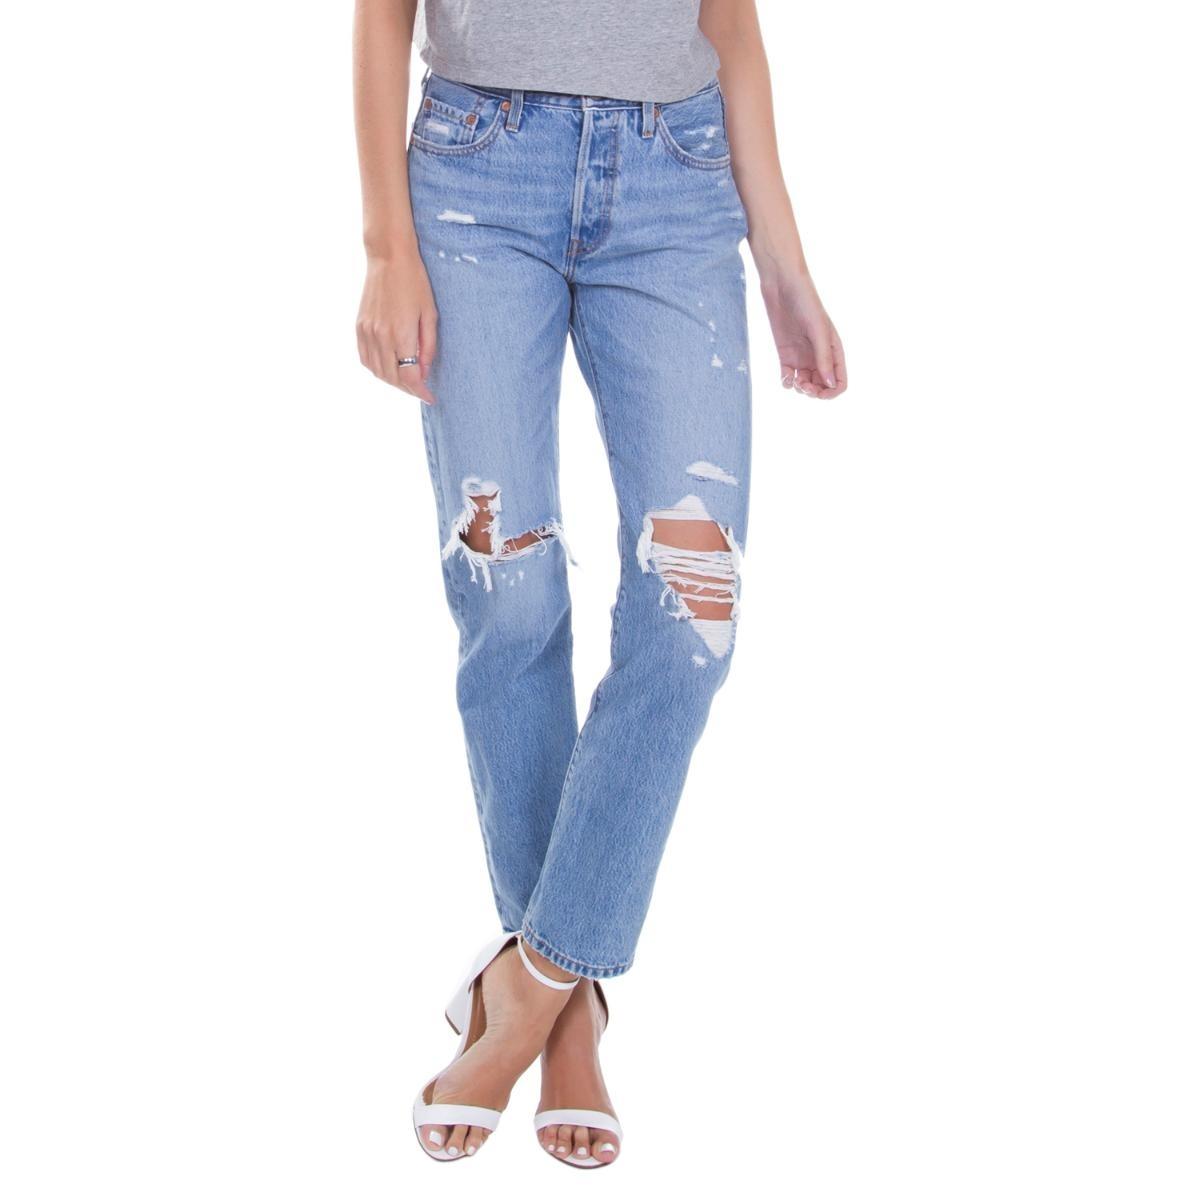 0e6701cf55b6e calça jeans levis feminina 501 original for women azul média. Carregando  zoom.